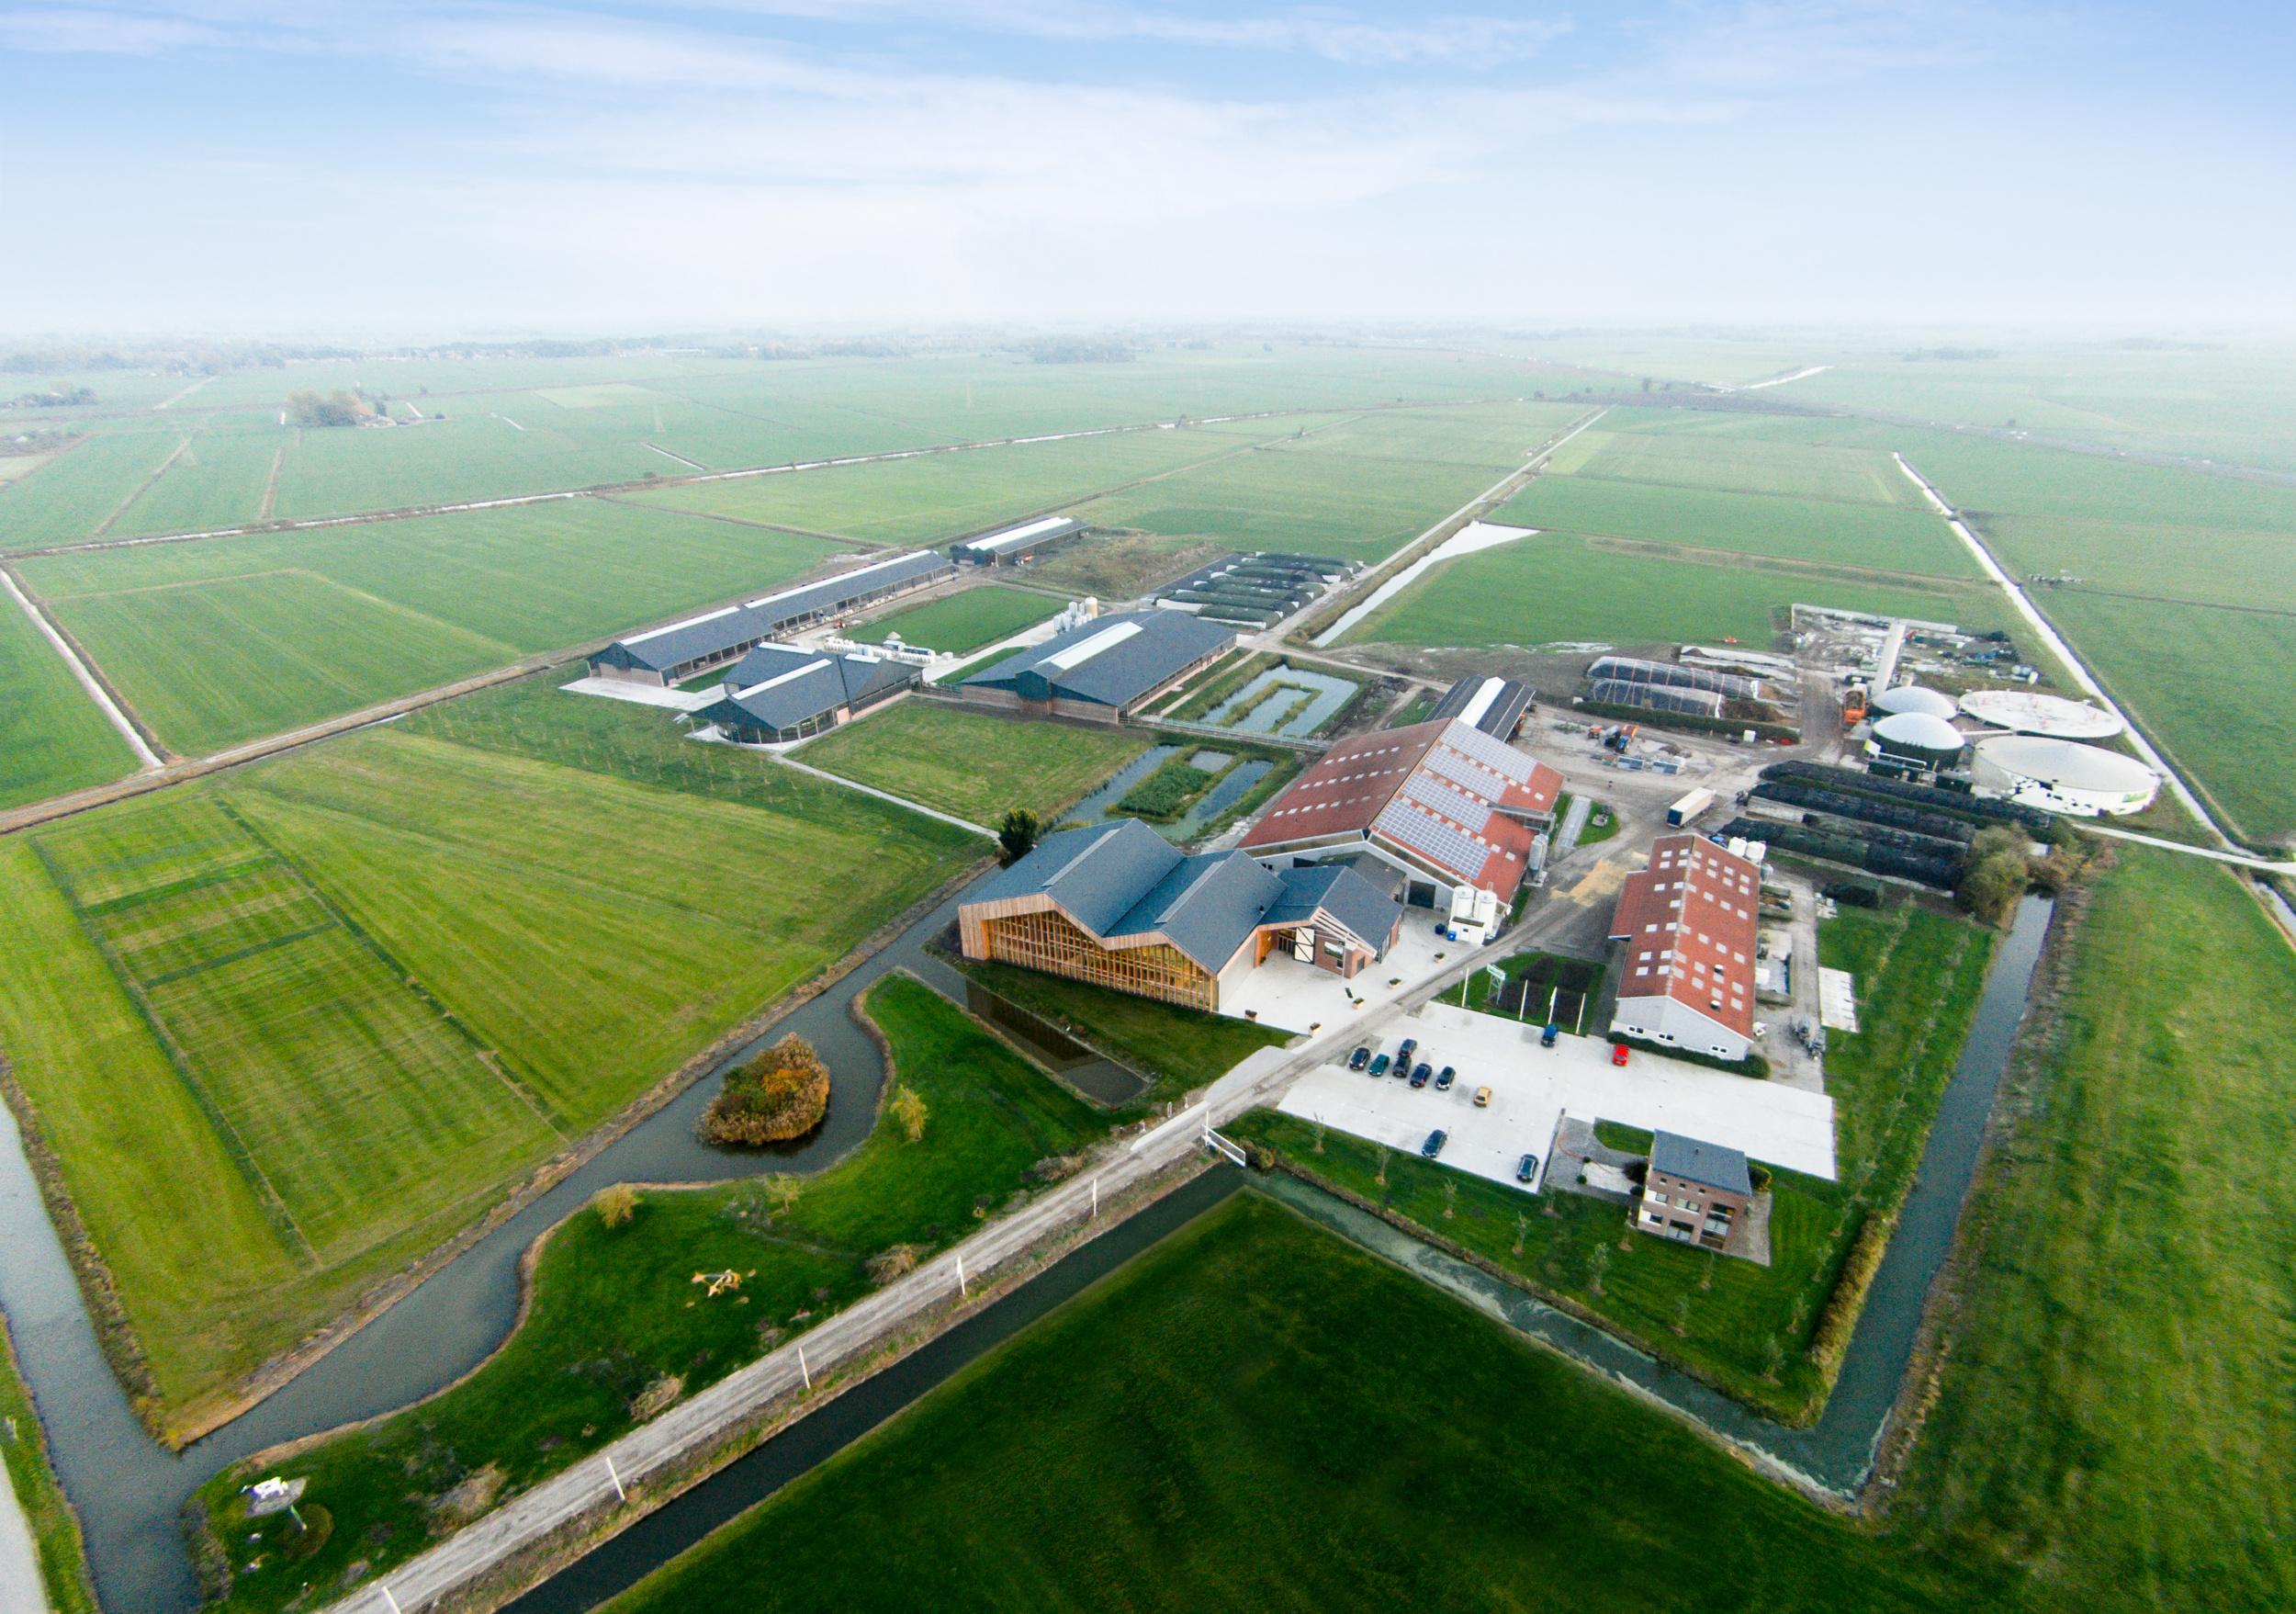 Drone fotografie Dairy Campus, Leeuwarden - Arcadis, Chiel de Nooyer architectuur fotograaf